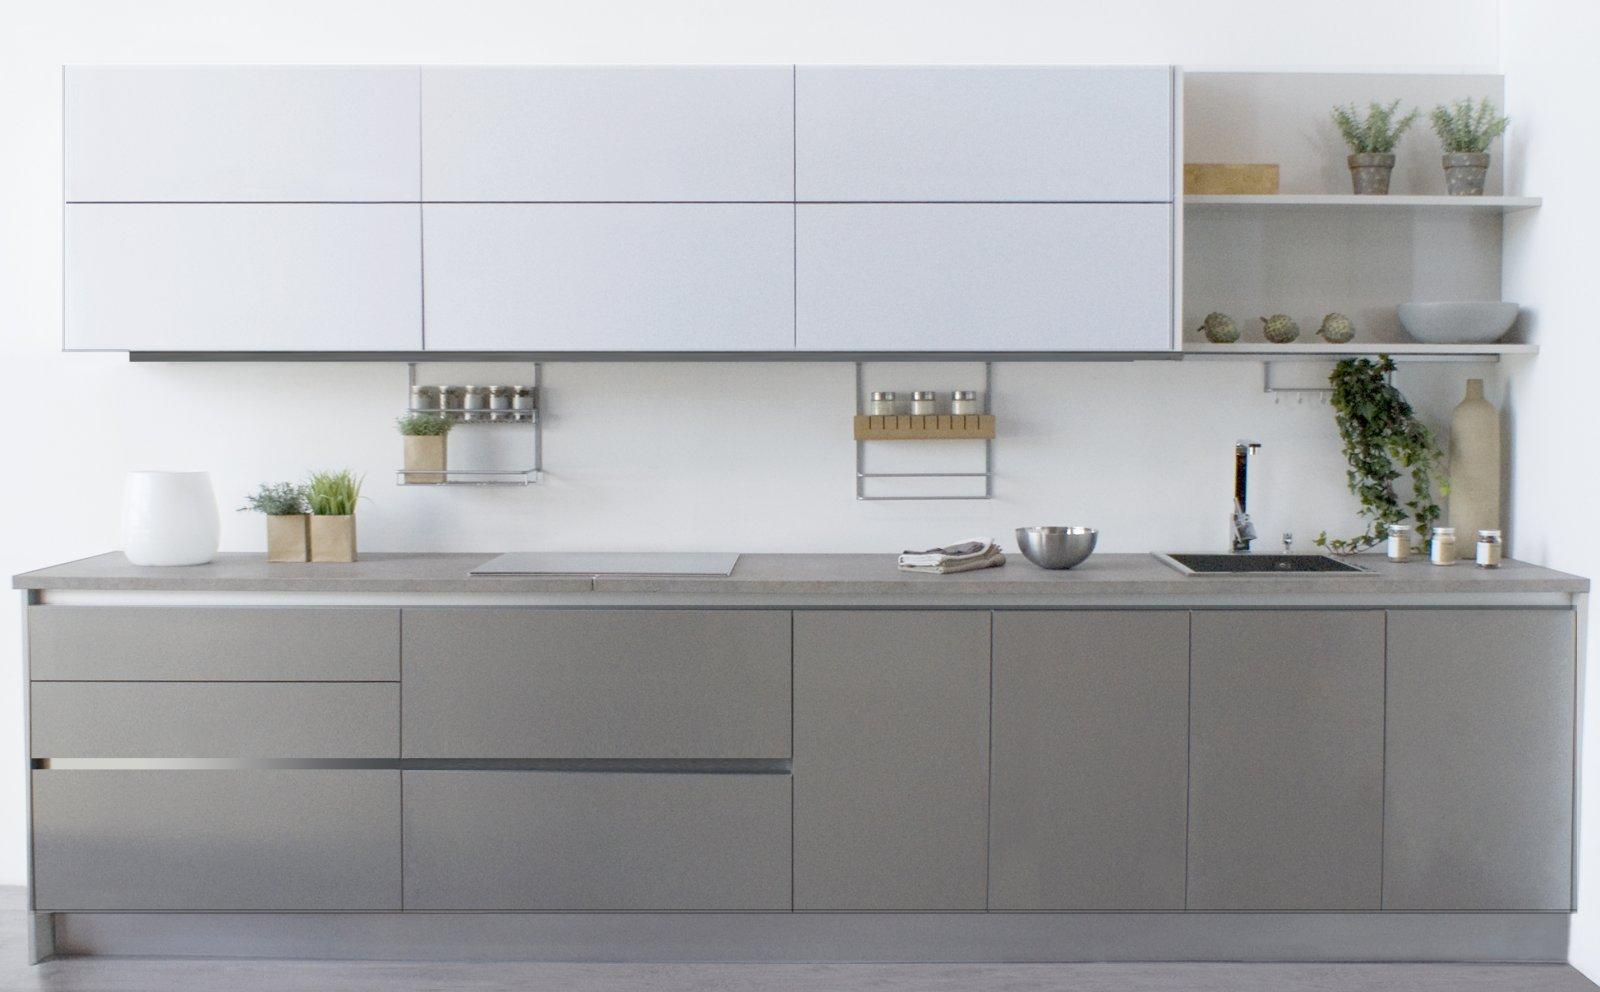 Crea tu cocina a medida con tpc cocinas decoraci n del hogar for Simulador de muebles de cocina